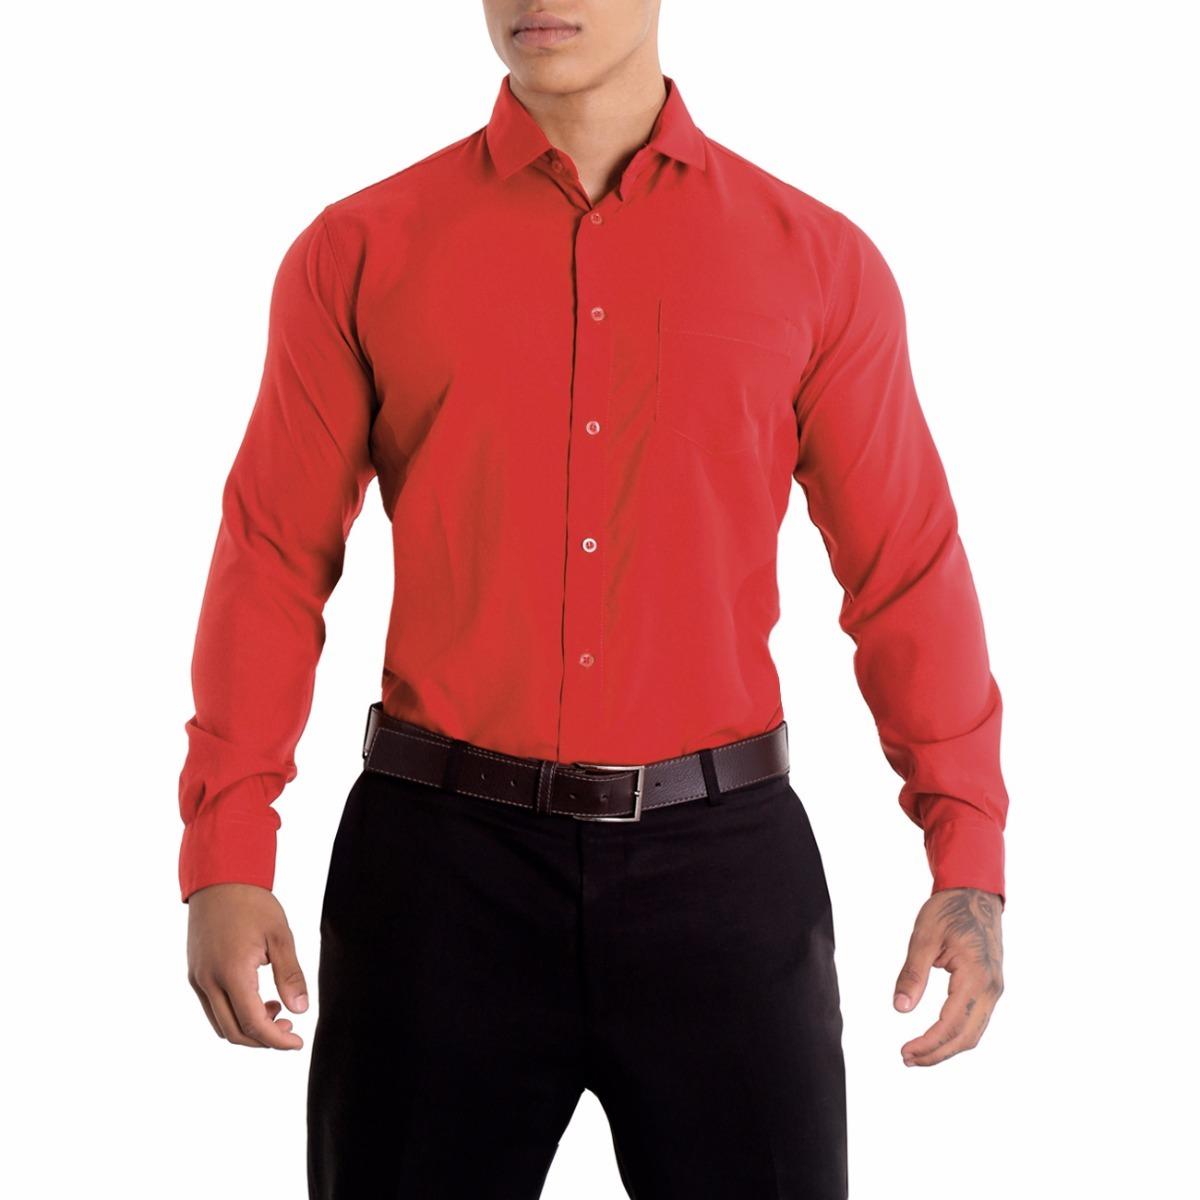 camisa social manga longa vermelha de microfibra. Carregando zoom. 8f9a689b1212e